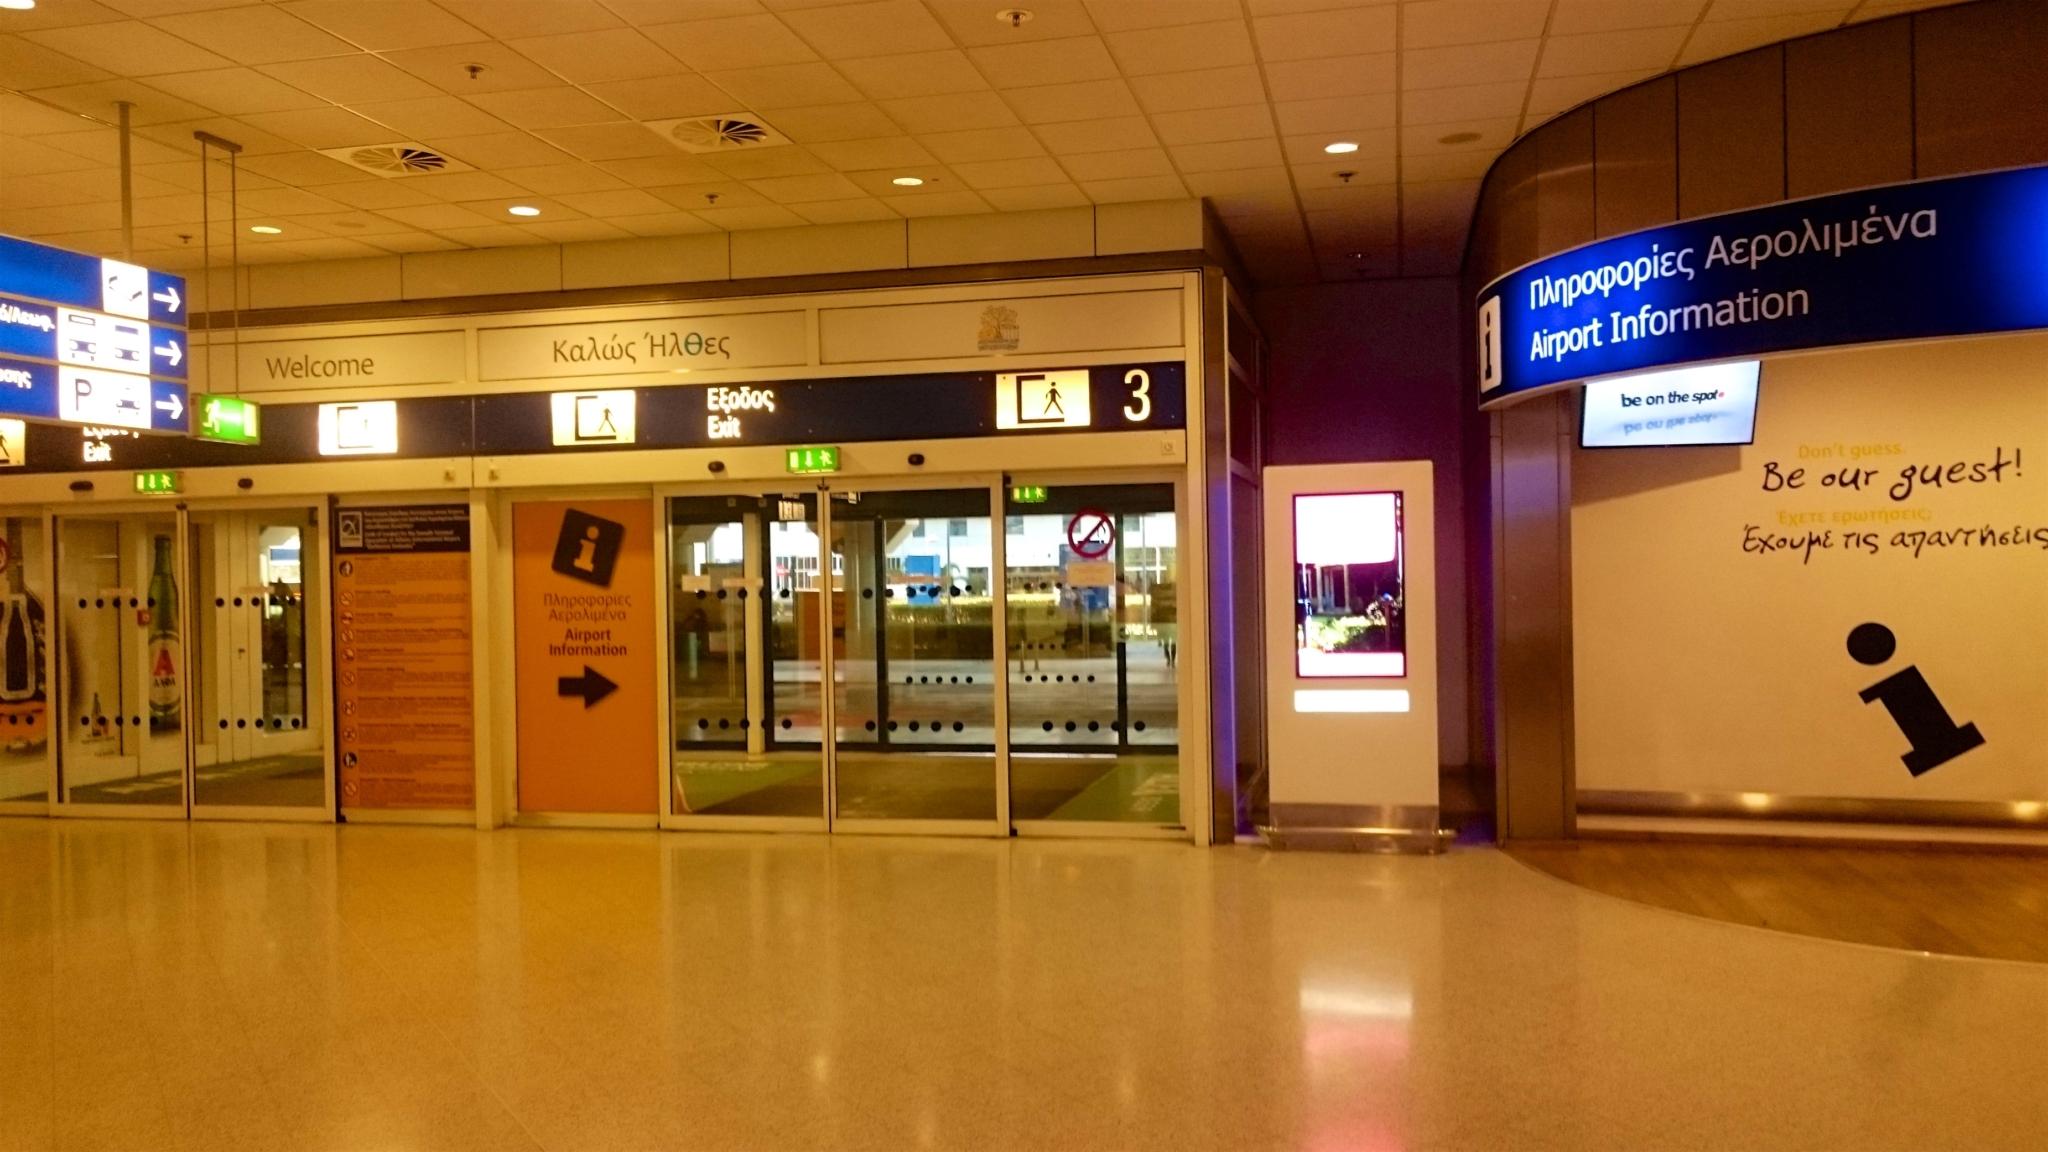 Αποτέλεσμα εικόνας για athens airport arrivals level